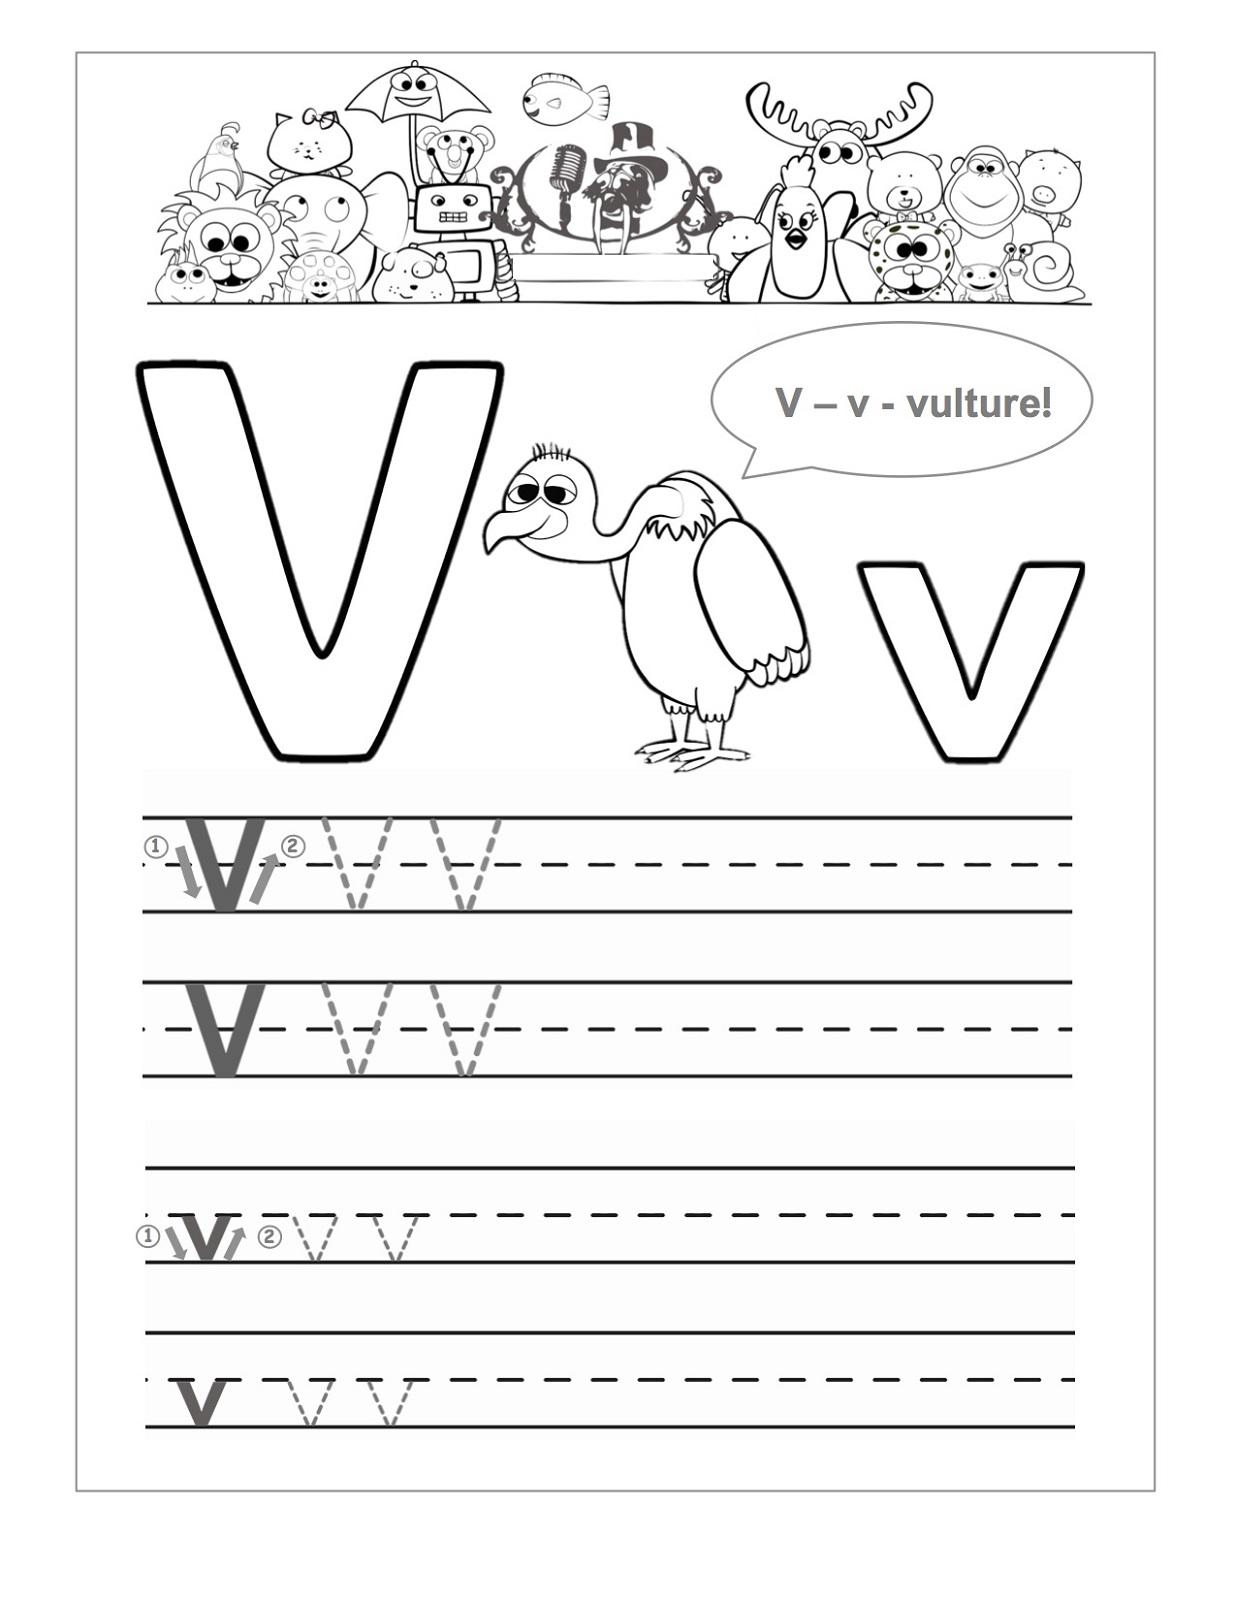 V Tracing Worksheet | Printable Worksheets And Activities throughout Letter V Worksheets For Prek